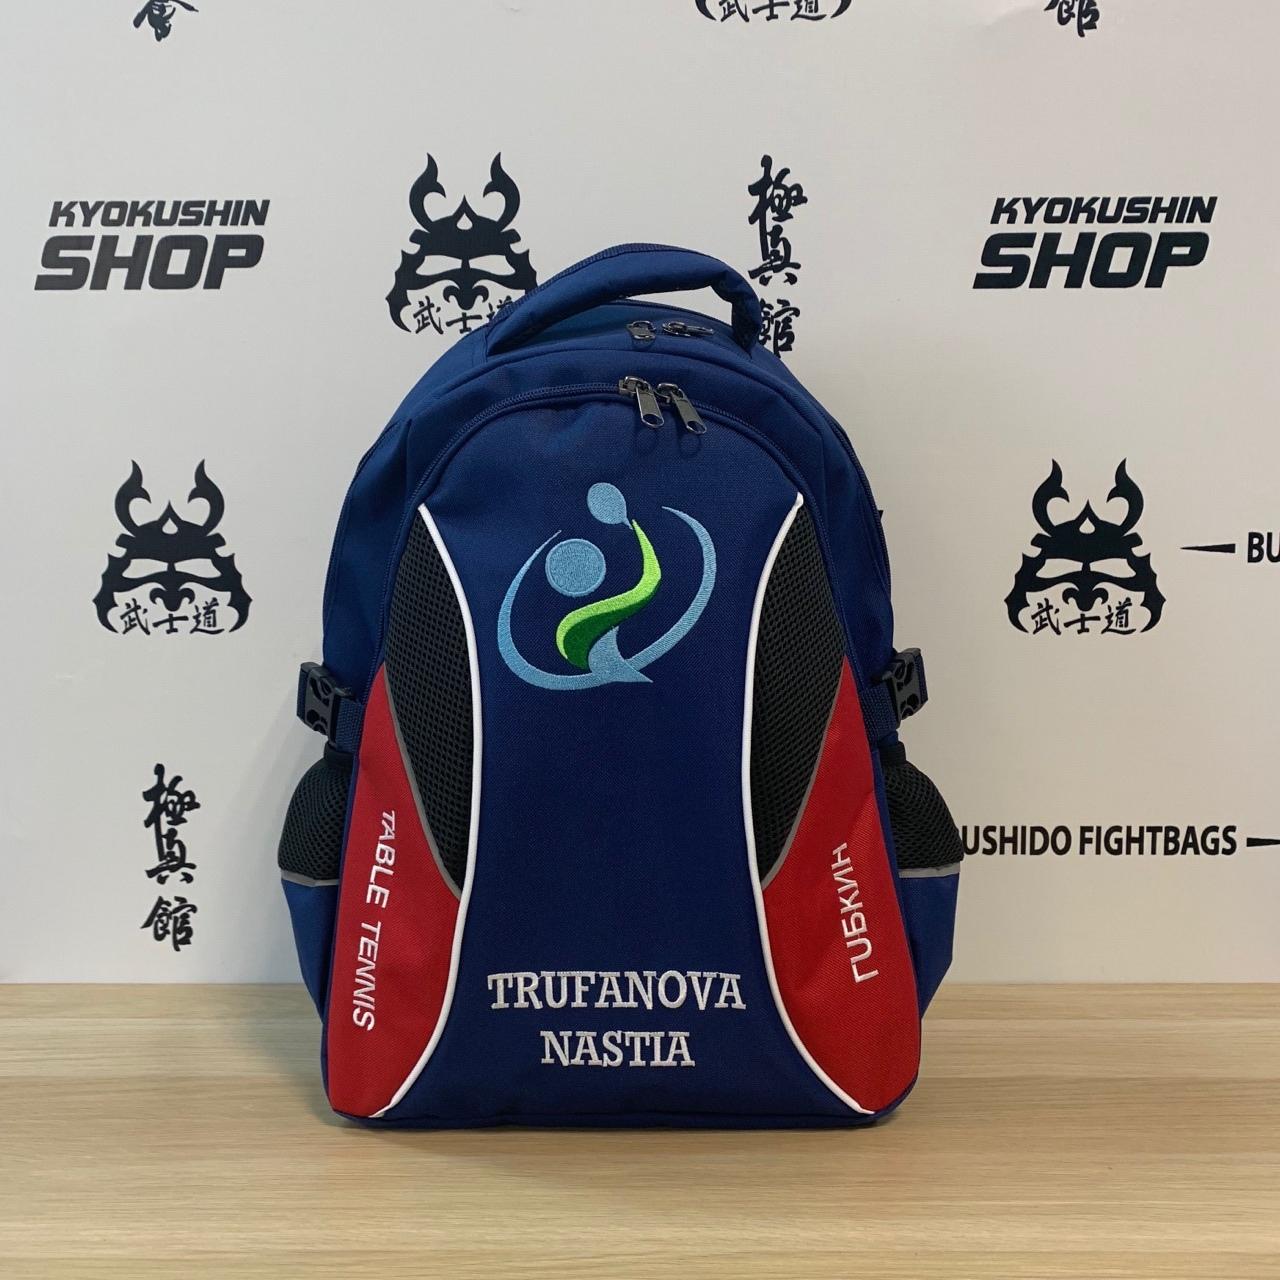 В BUSHIDO FIGHTBAGS вы найдёте рюкзаки для множества видов спорта!